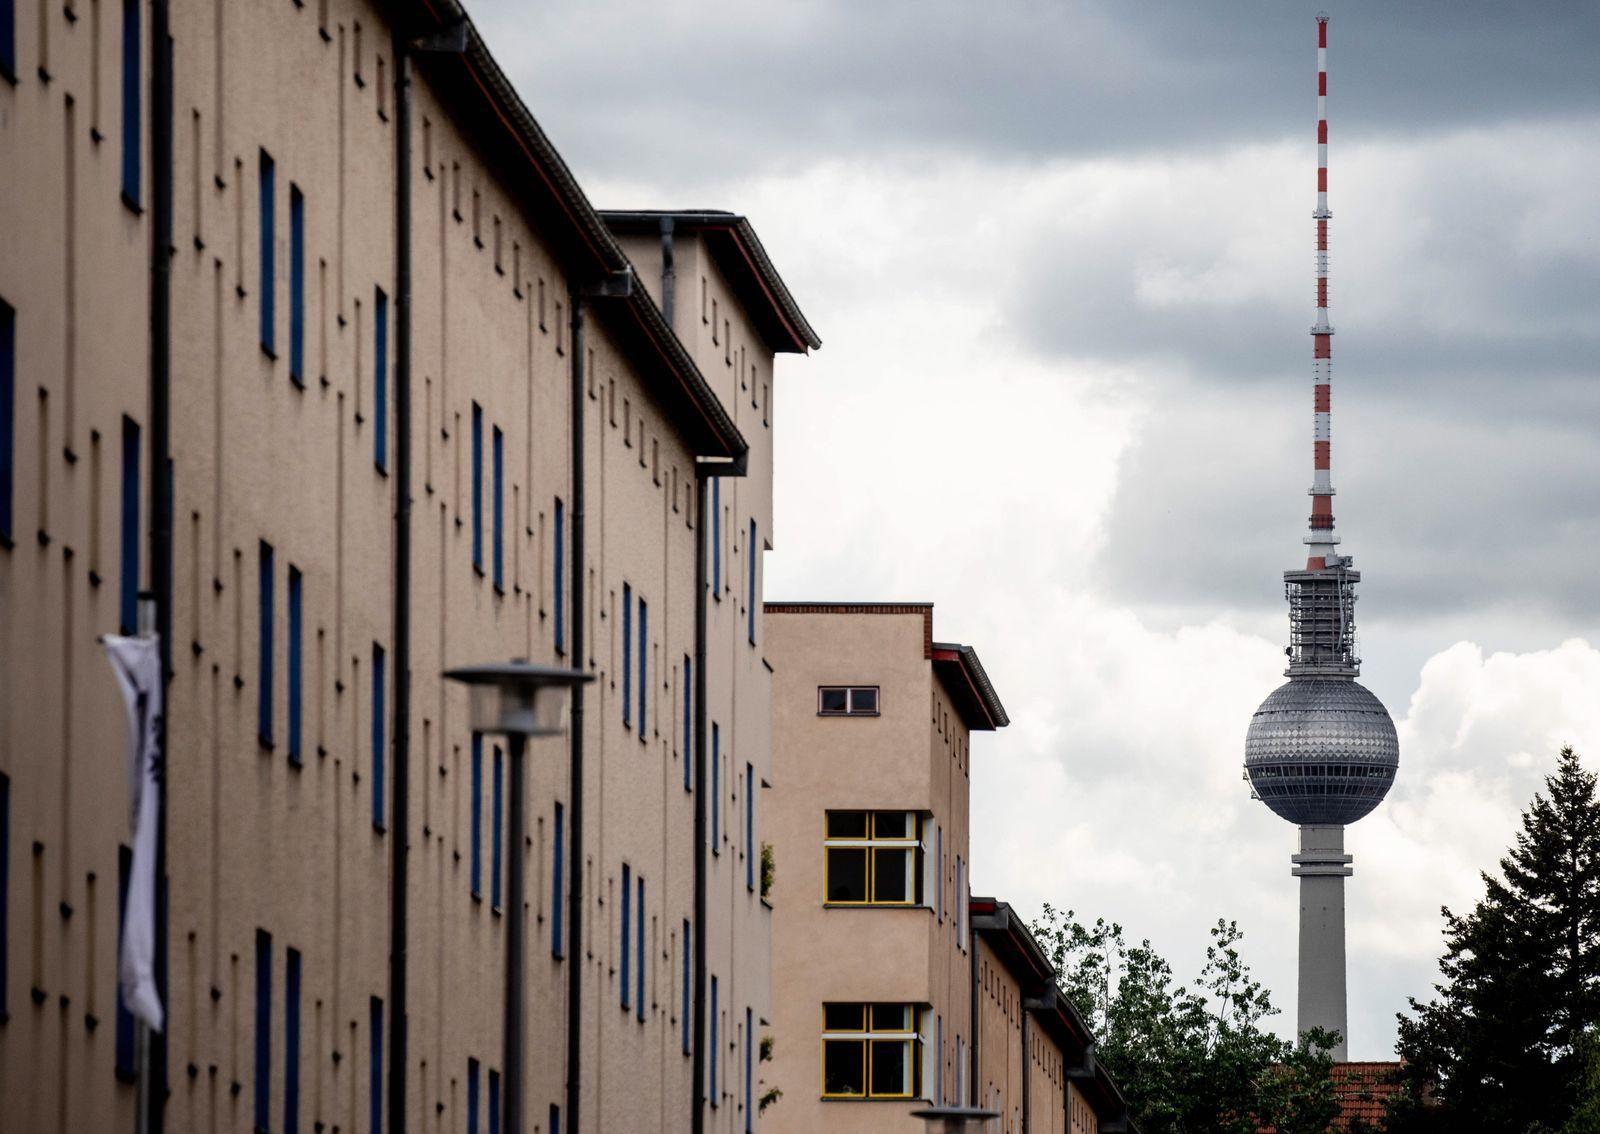 Planned Deutsche Wohnen takeover by Vonovia housing company